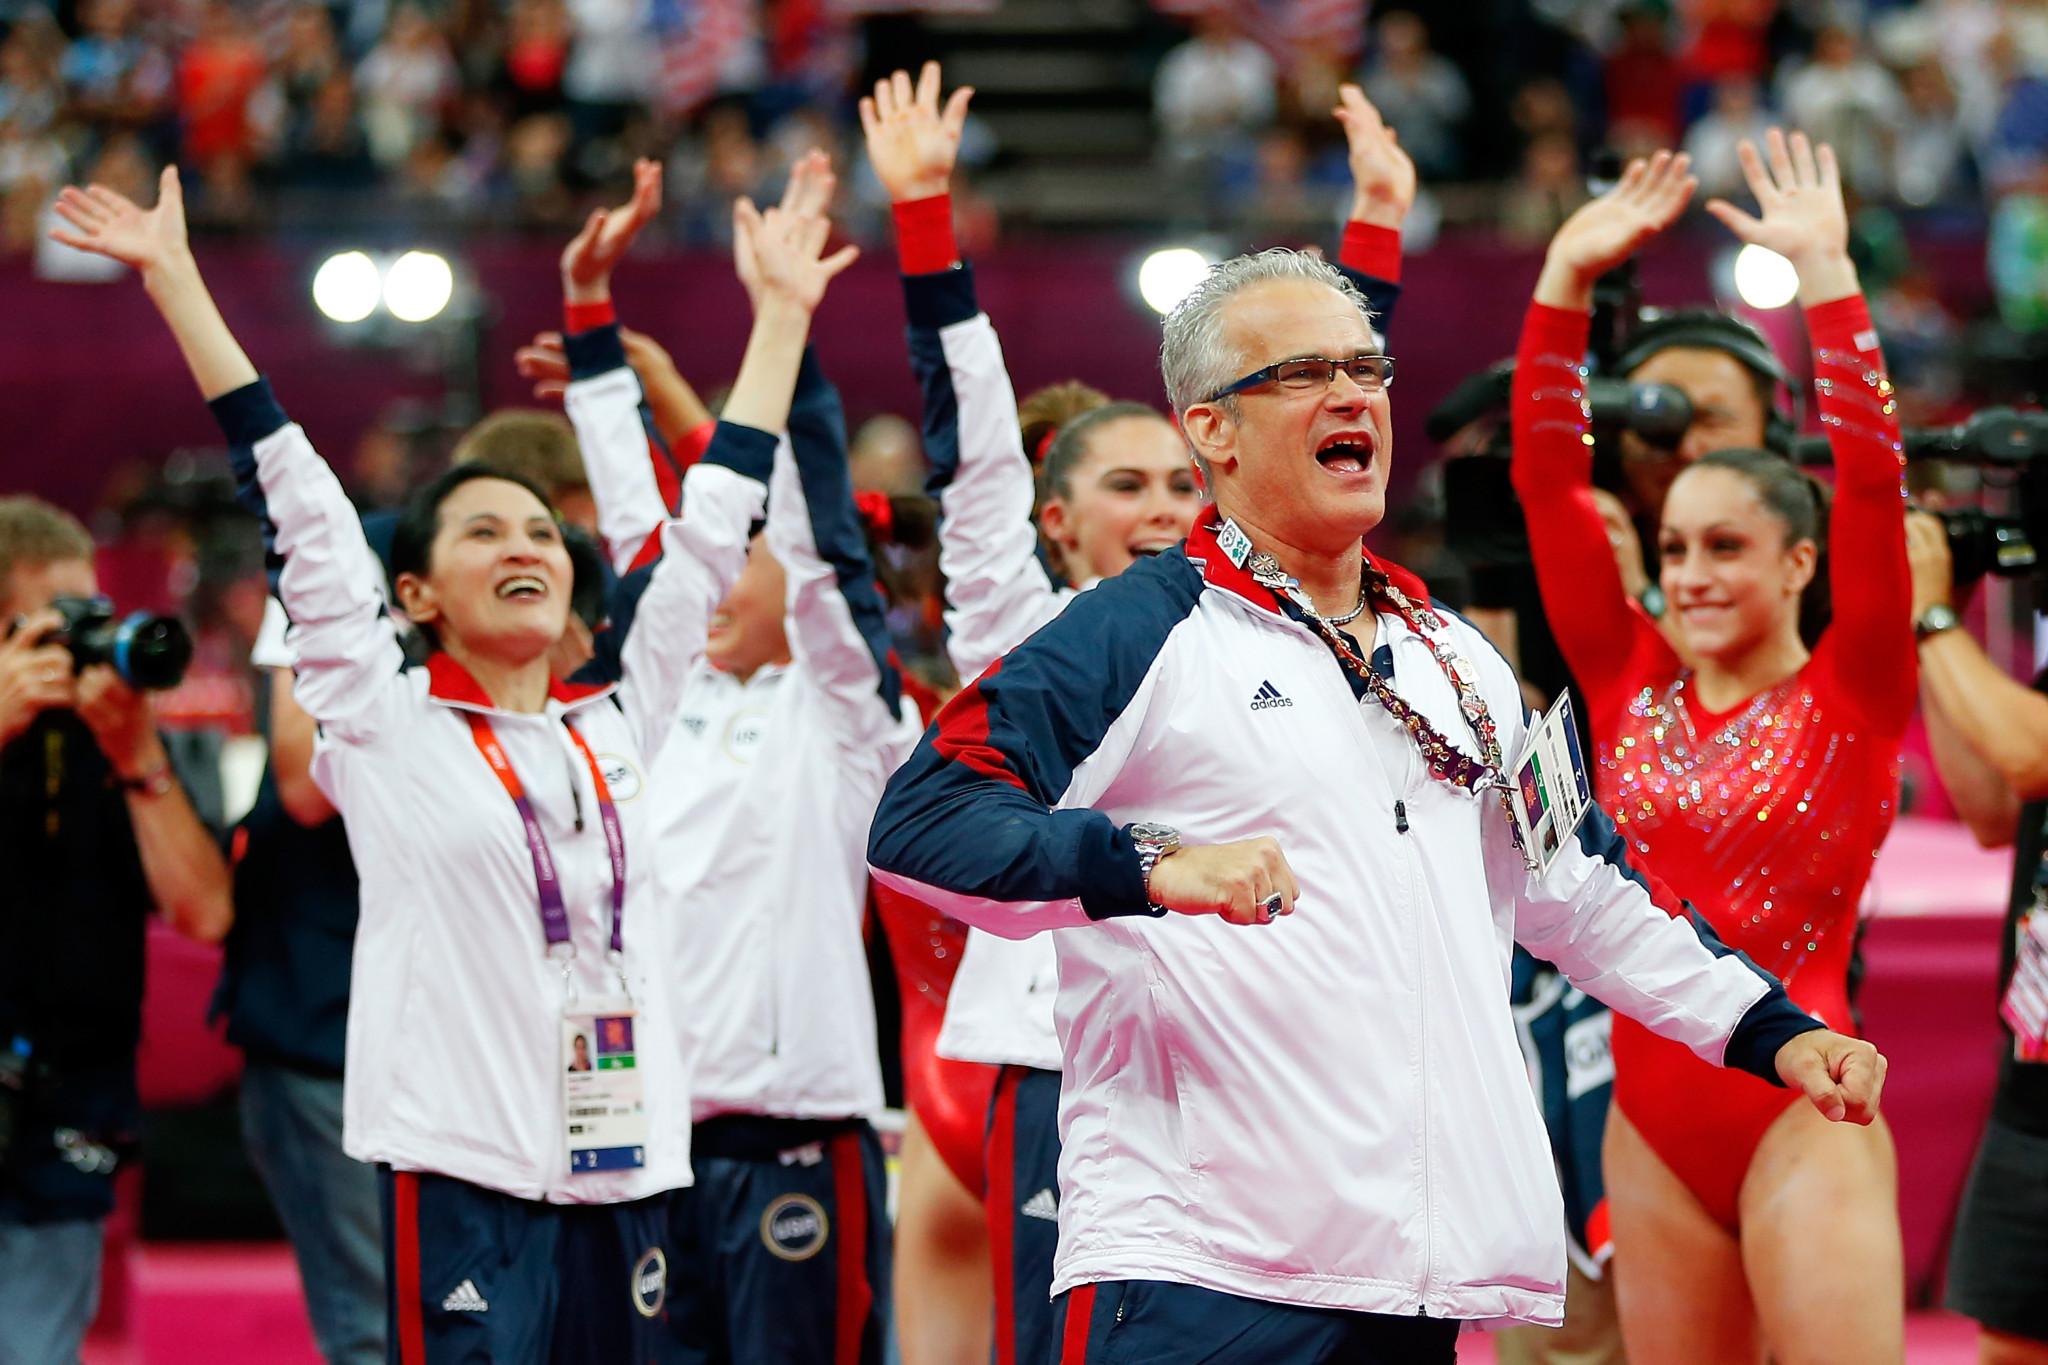 El ex entrenador de gimnasia de EE. UU. Geddert fue encontrado muerto después de cargos de agresión sexual